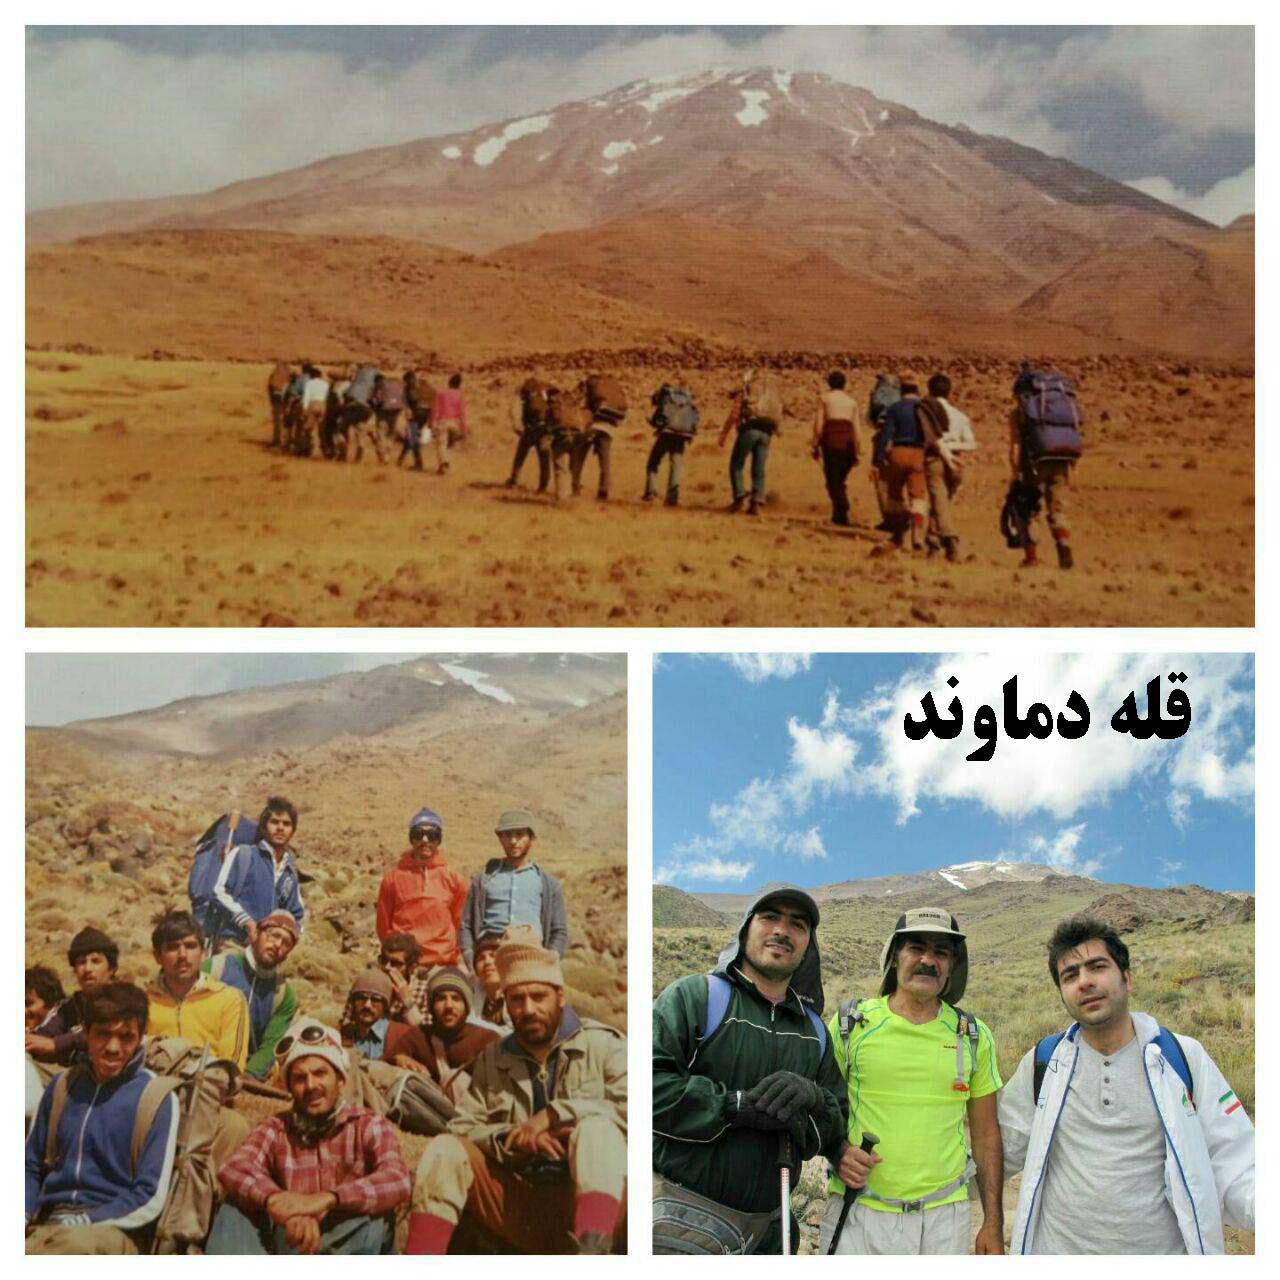 روايت عمو عزت از فتح قله دماوند، جريانات سياسی و دامادش! + عکس